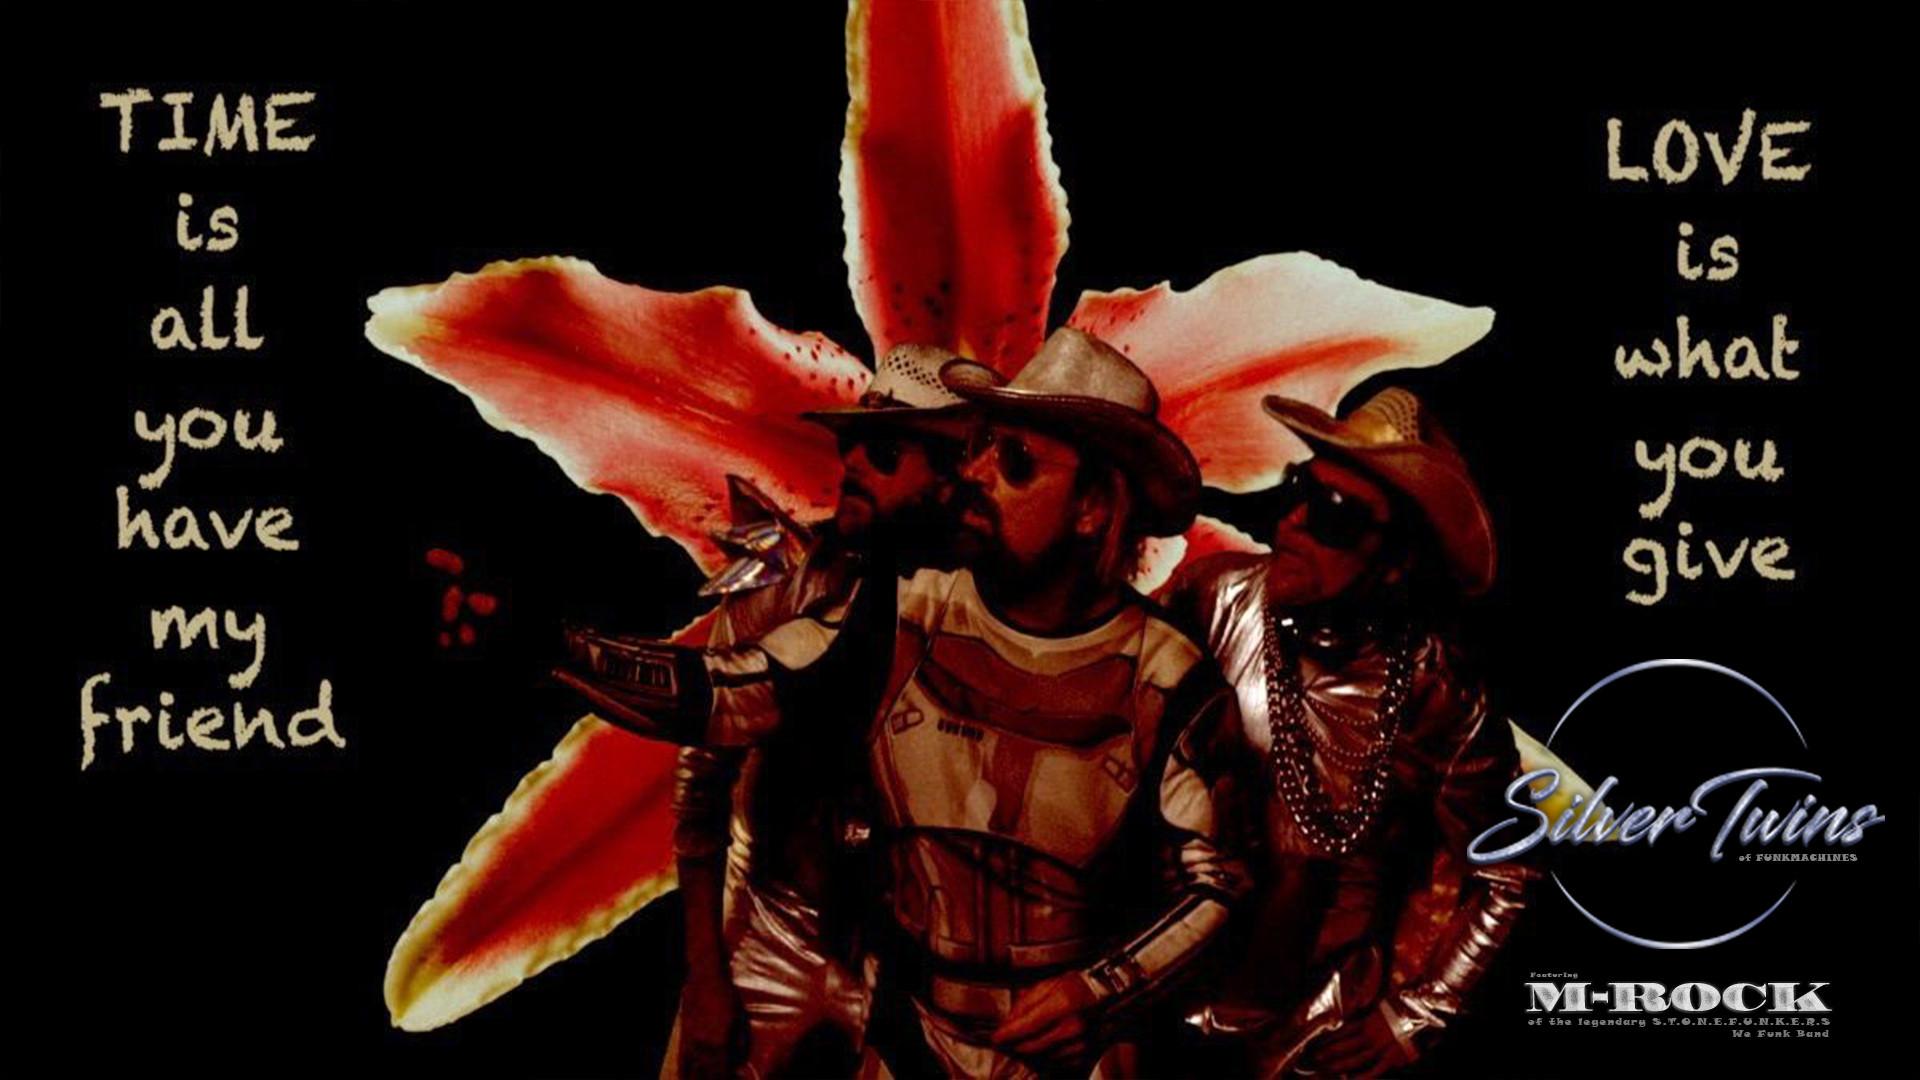 Time SilverTwins of funk alla BLOMMA.jpg